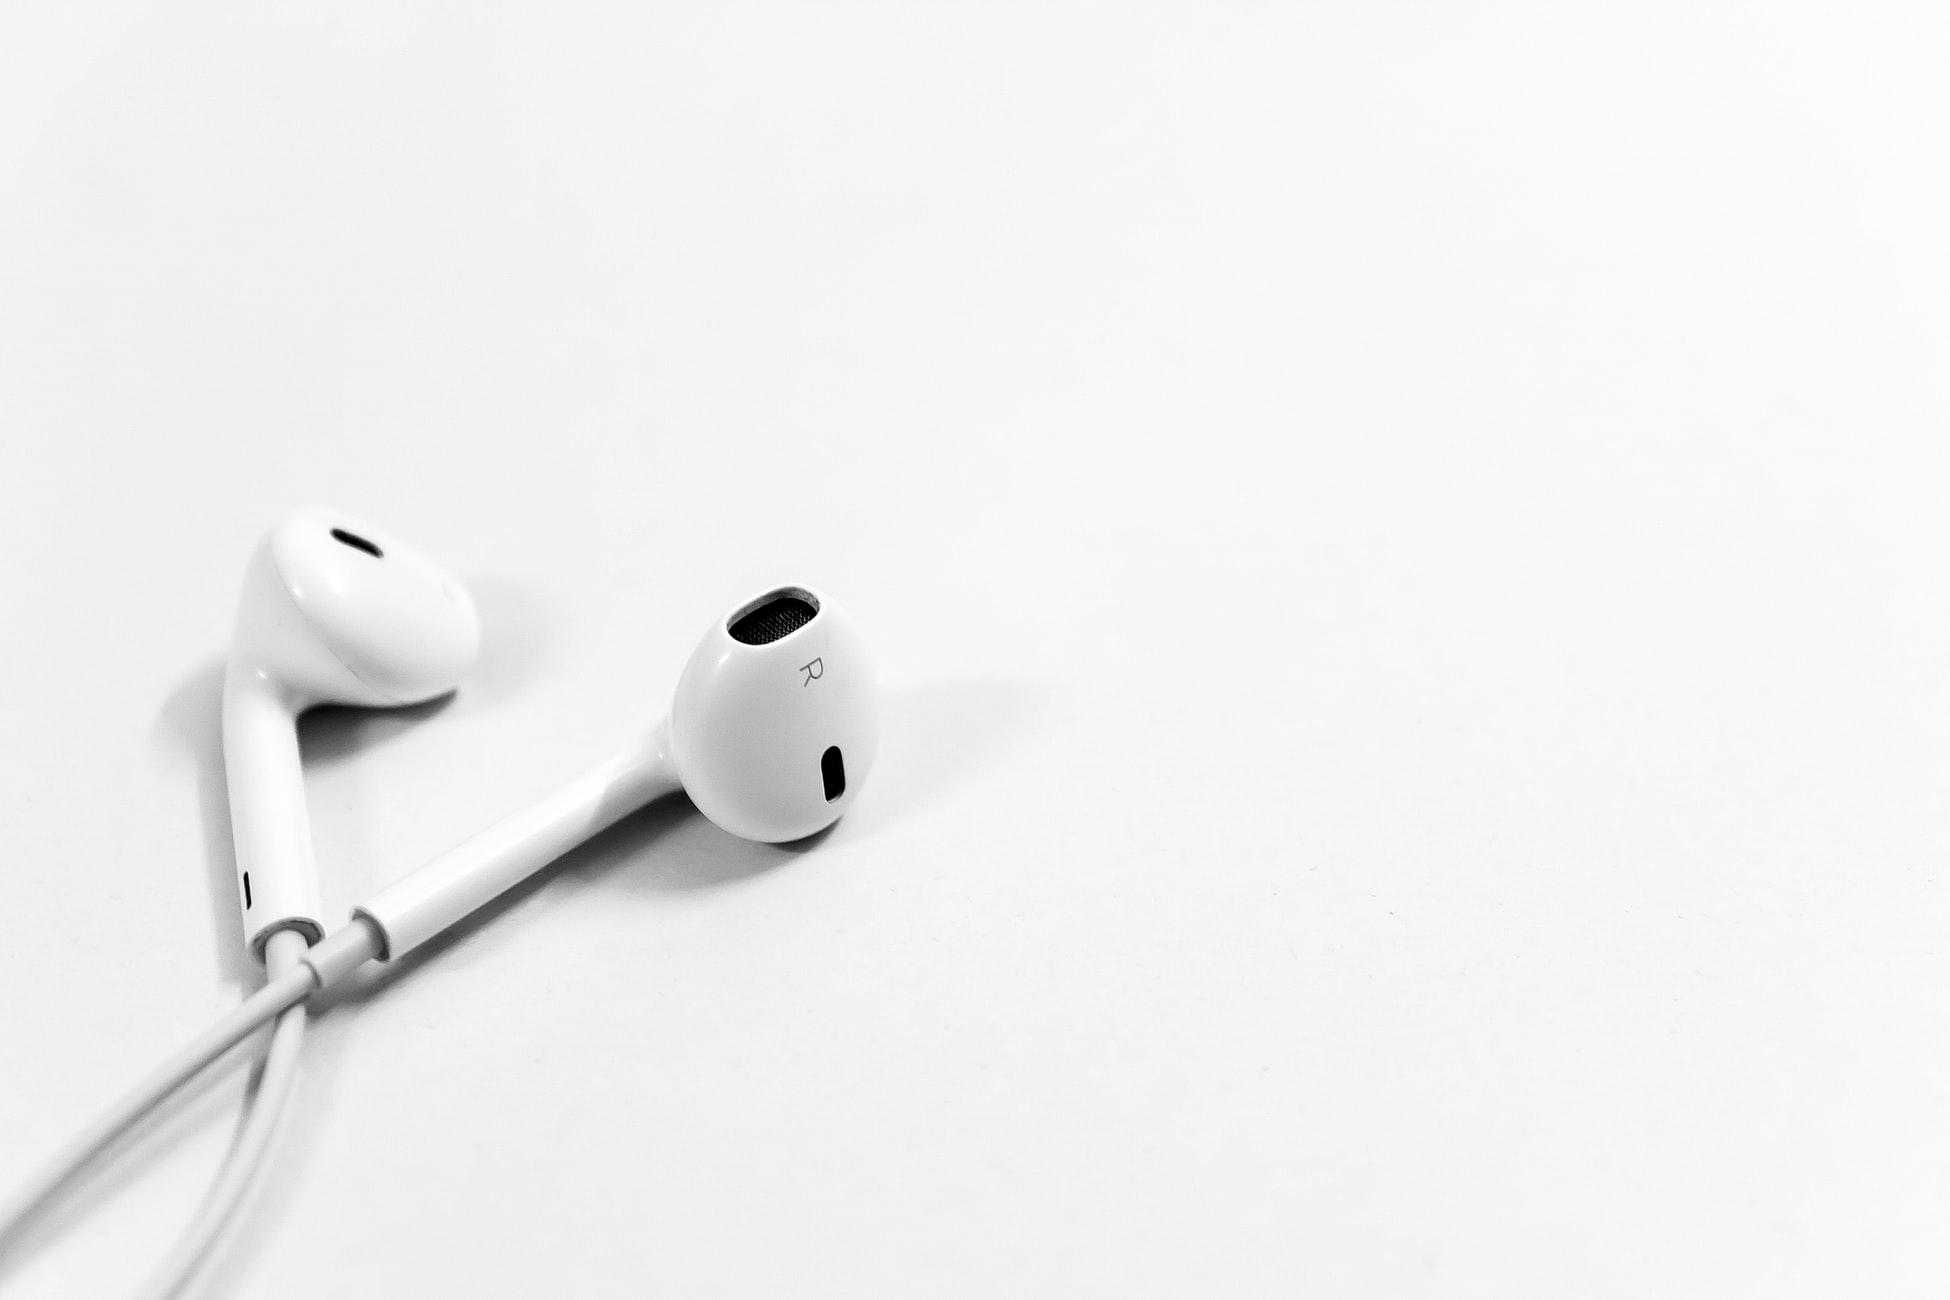 Apple純正イヤホン